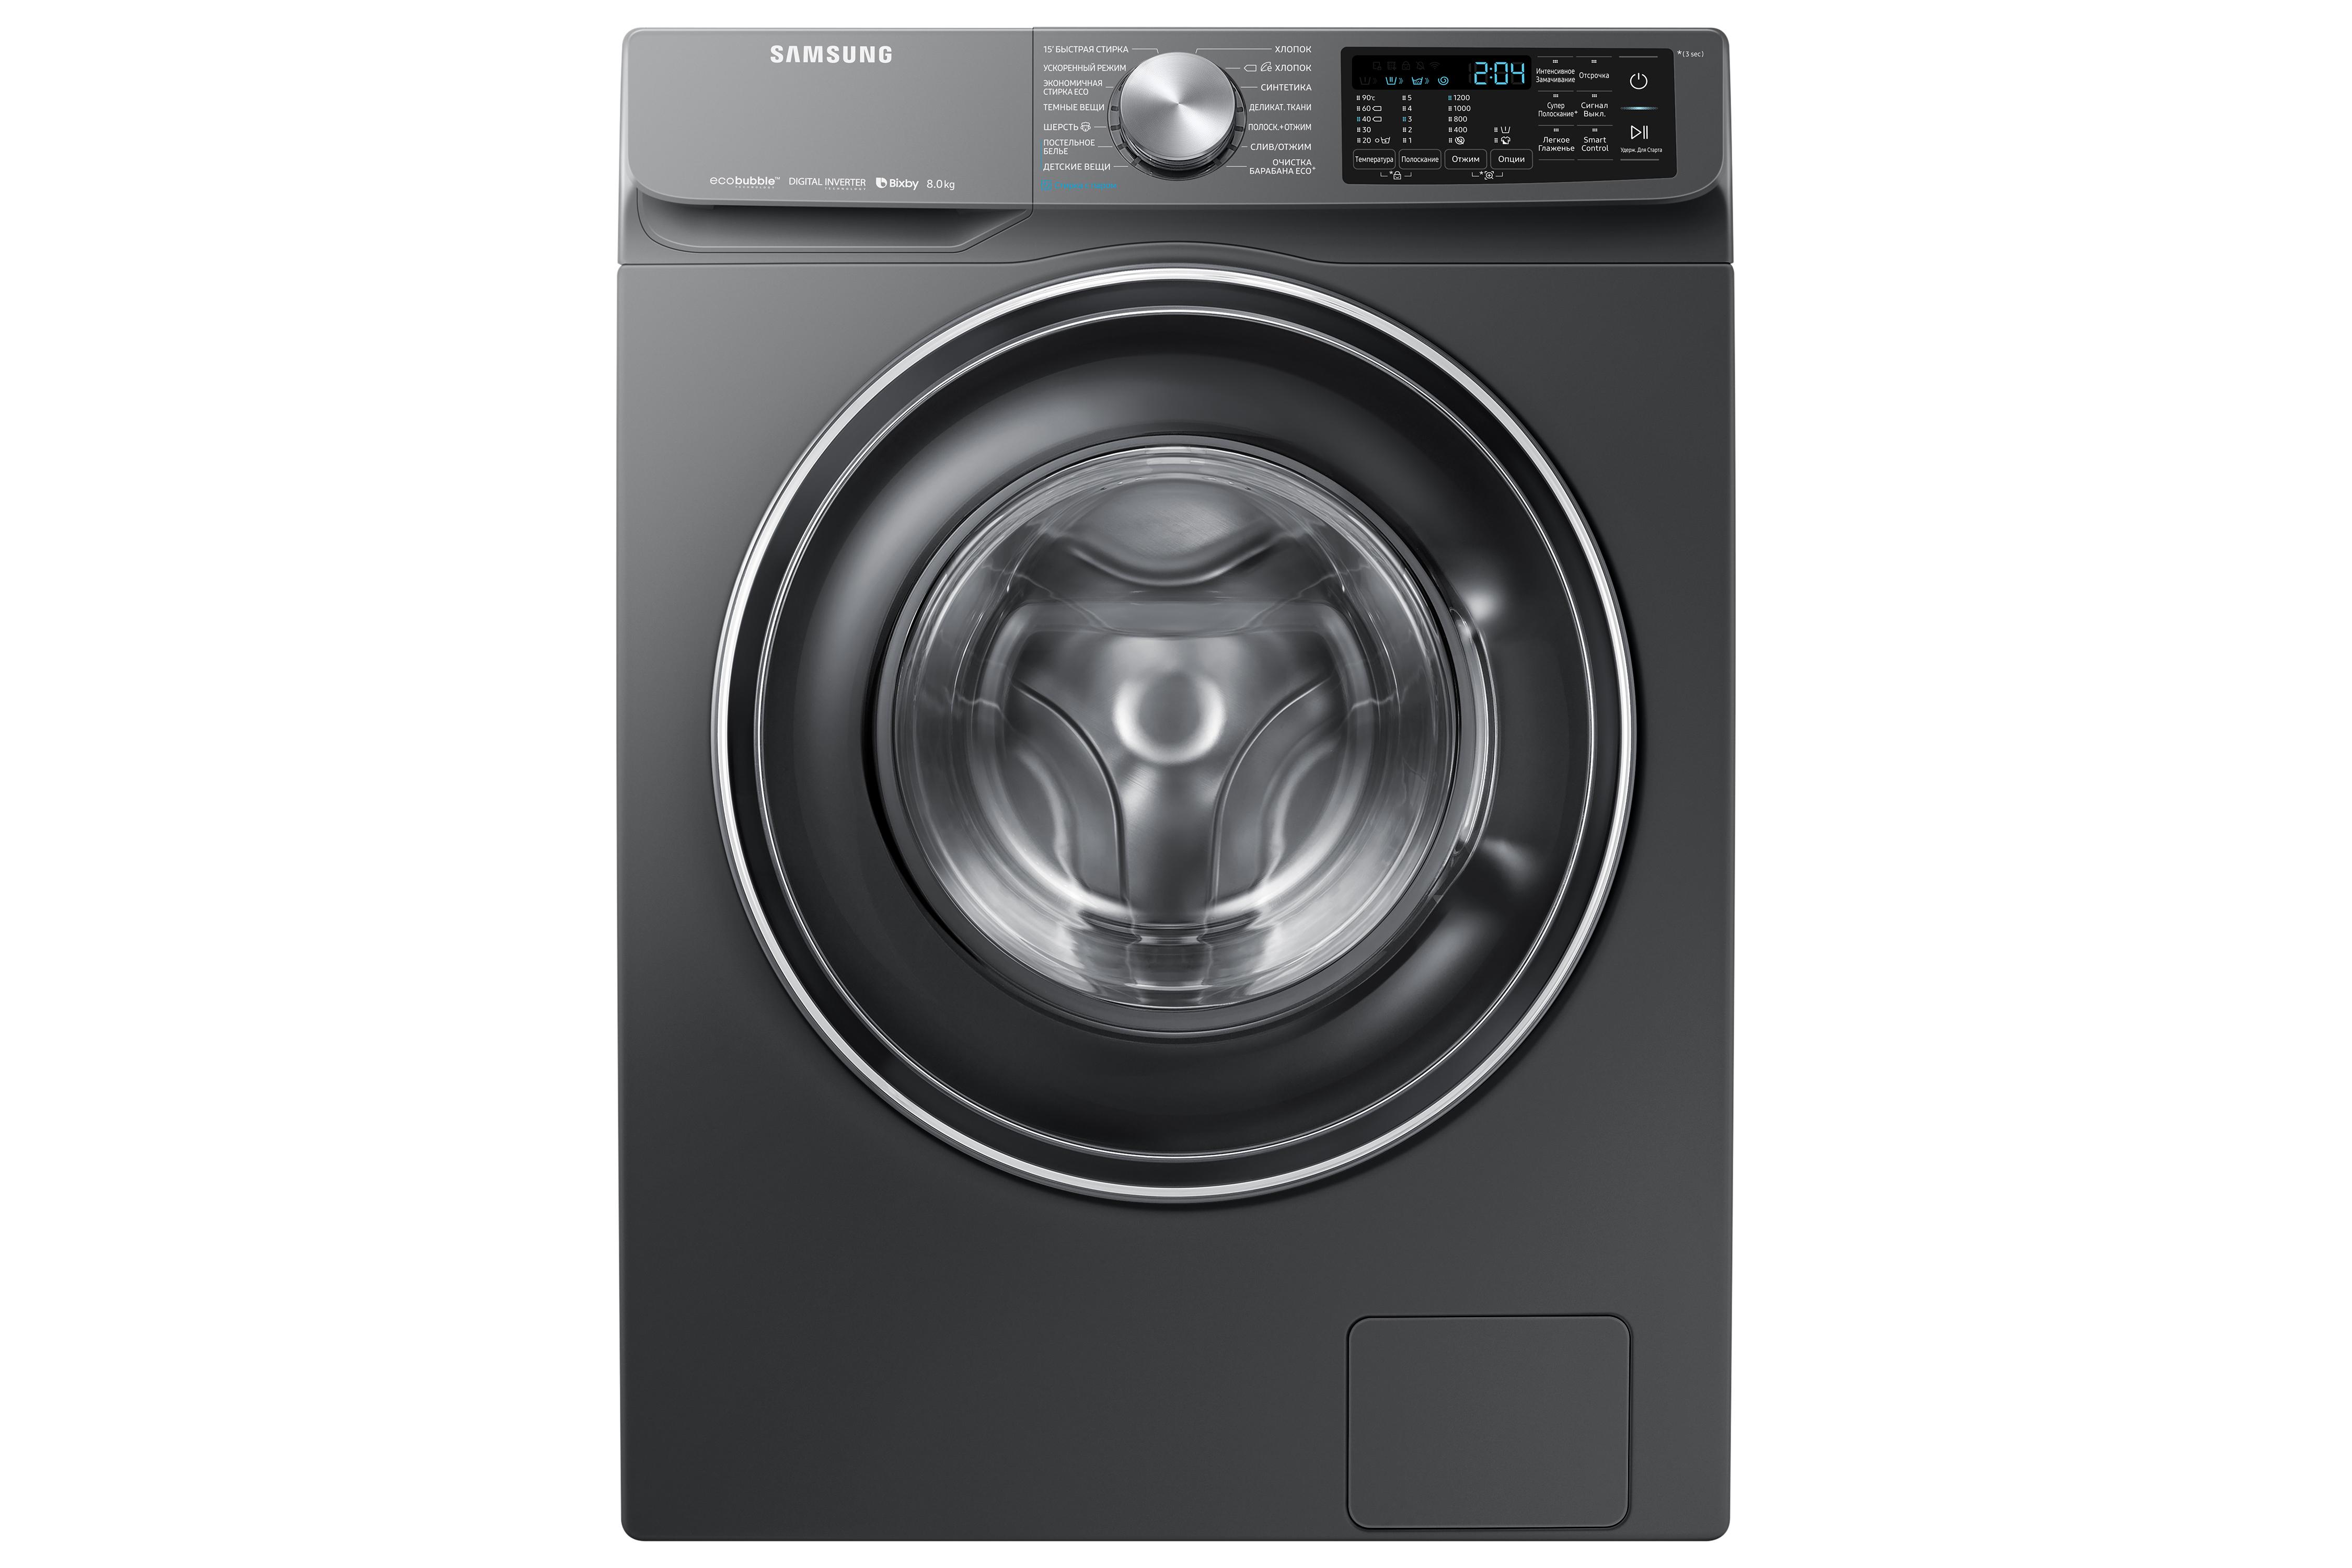 Samsung начала производство стиральных машин  российской сборки для «Умного дома»